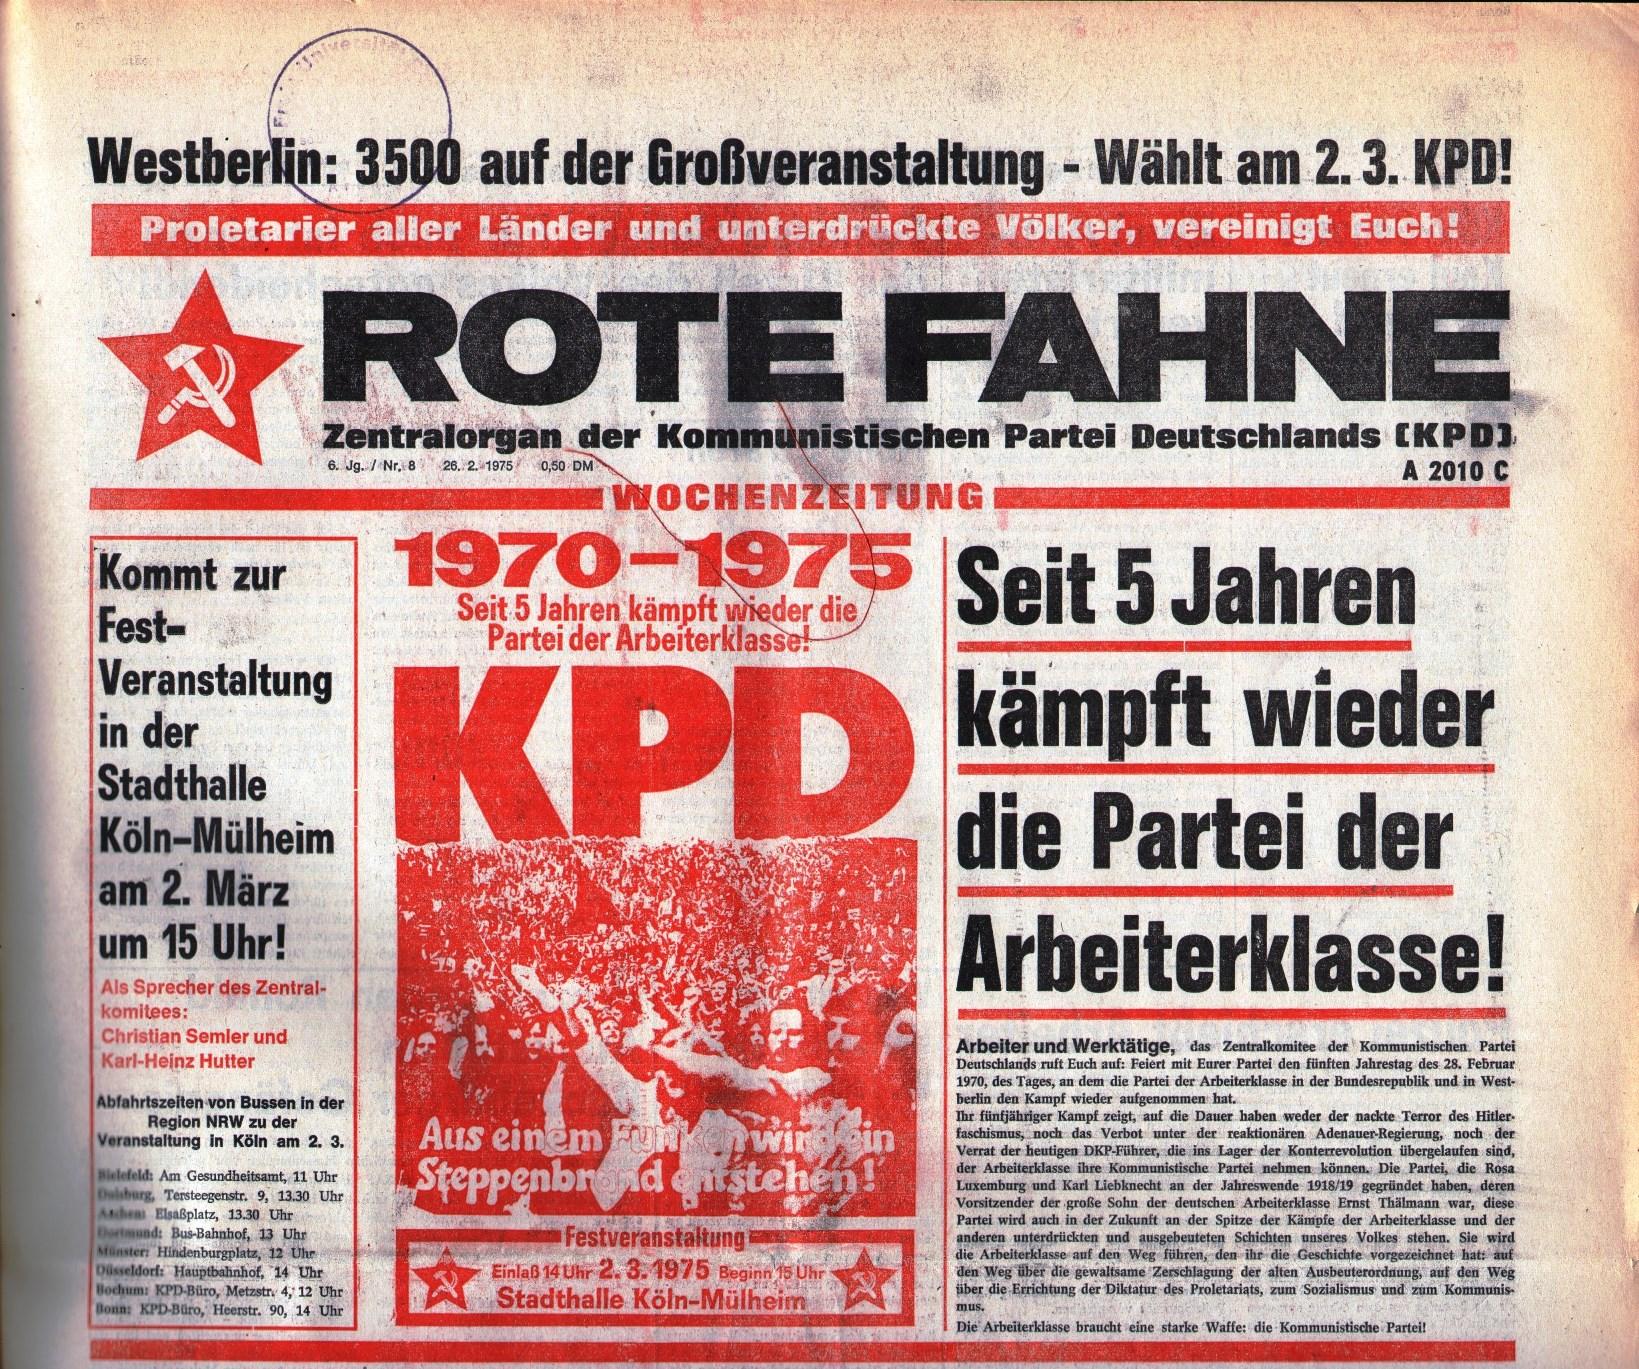 KPD_Rote_Fahne_1975_08_01